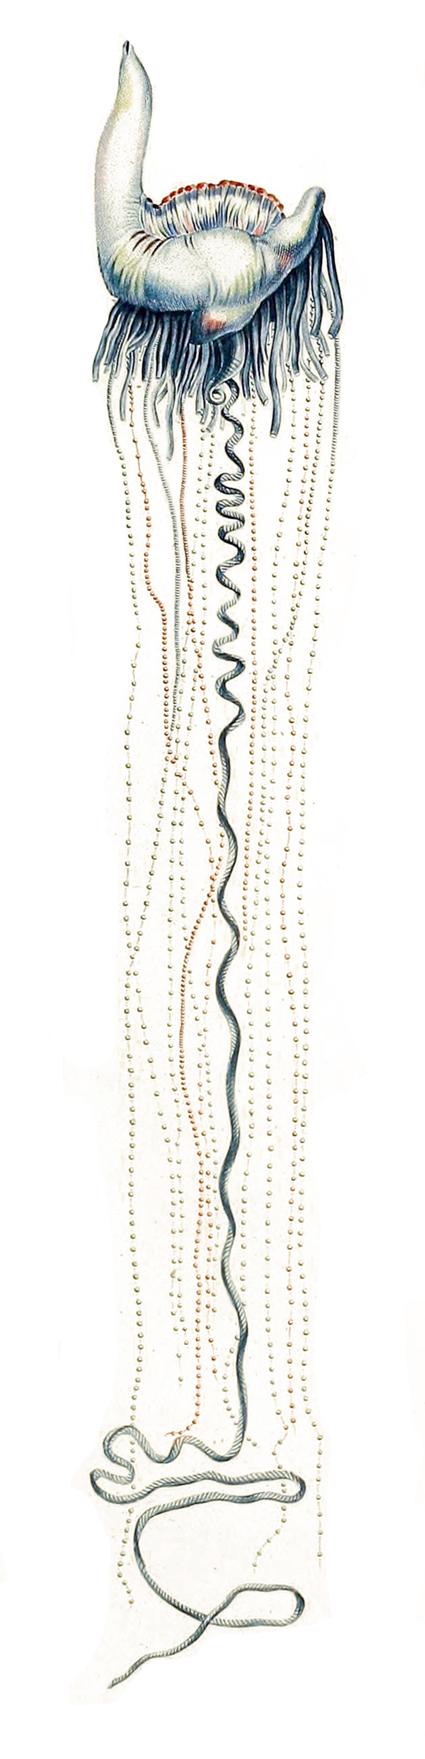 Physalia physalis, décrit par Lesueur dans son Voyage de découvertes aux terres Australes